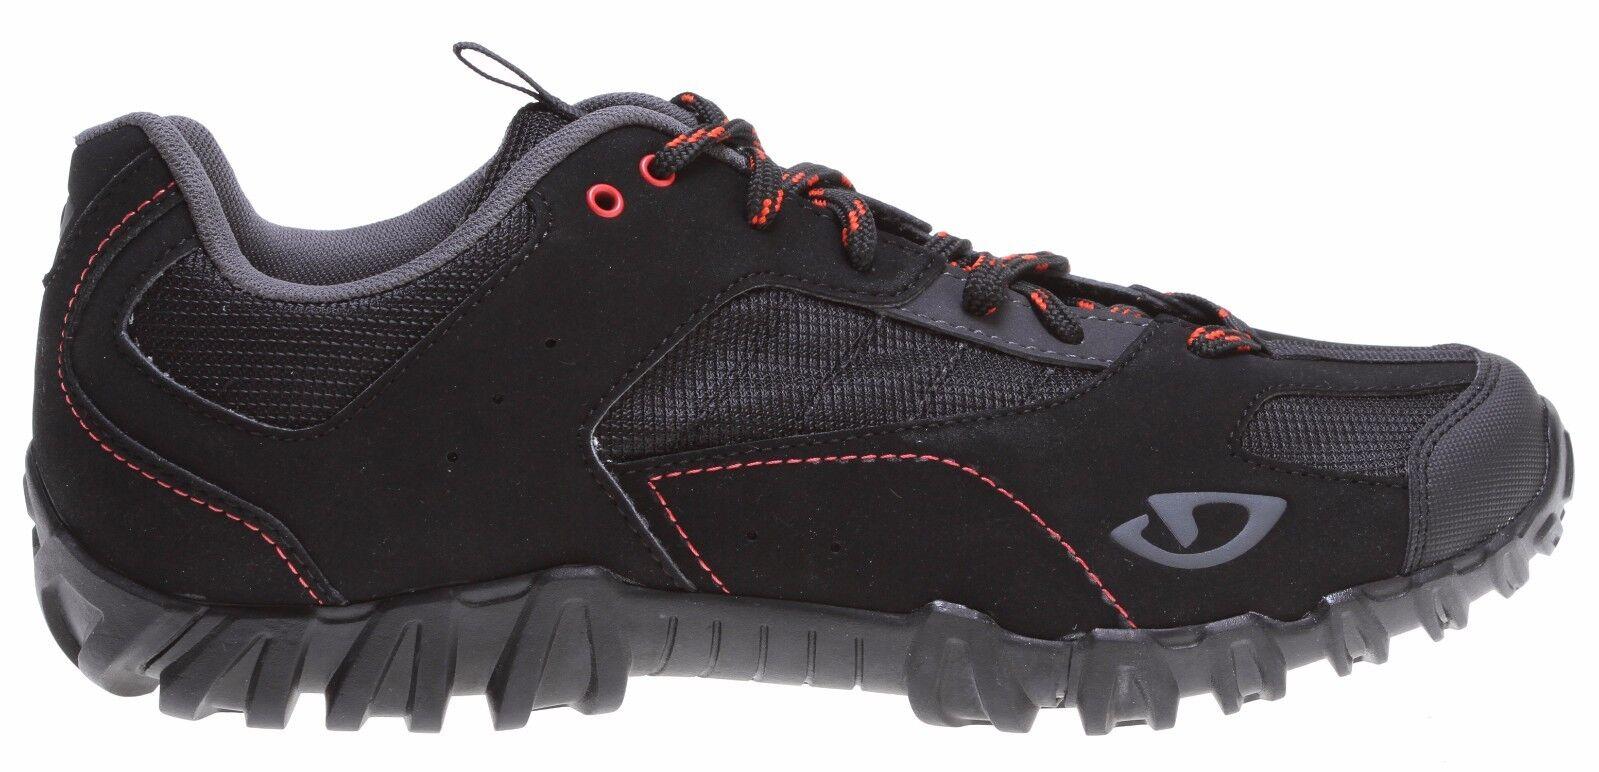 Giro Rumble Chaussures Chaussures Chaussures Homme EU 44 a19849